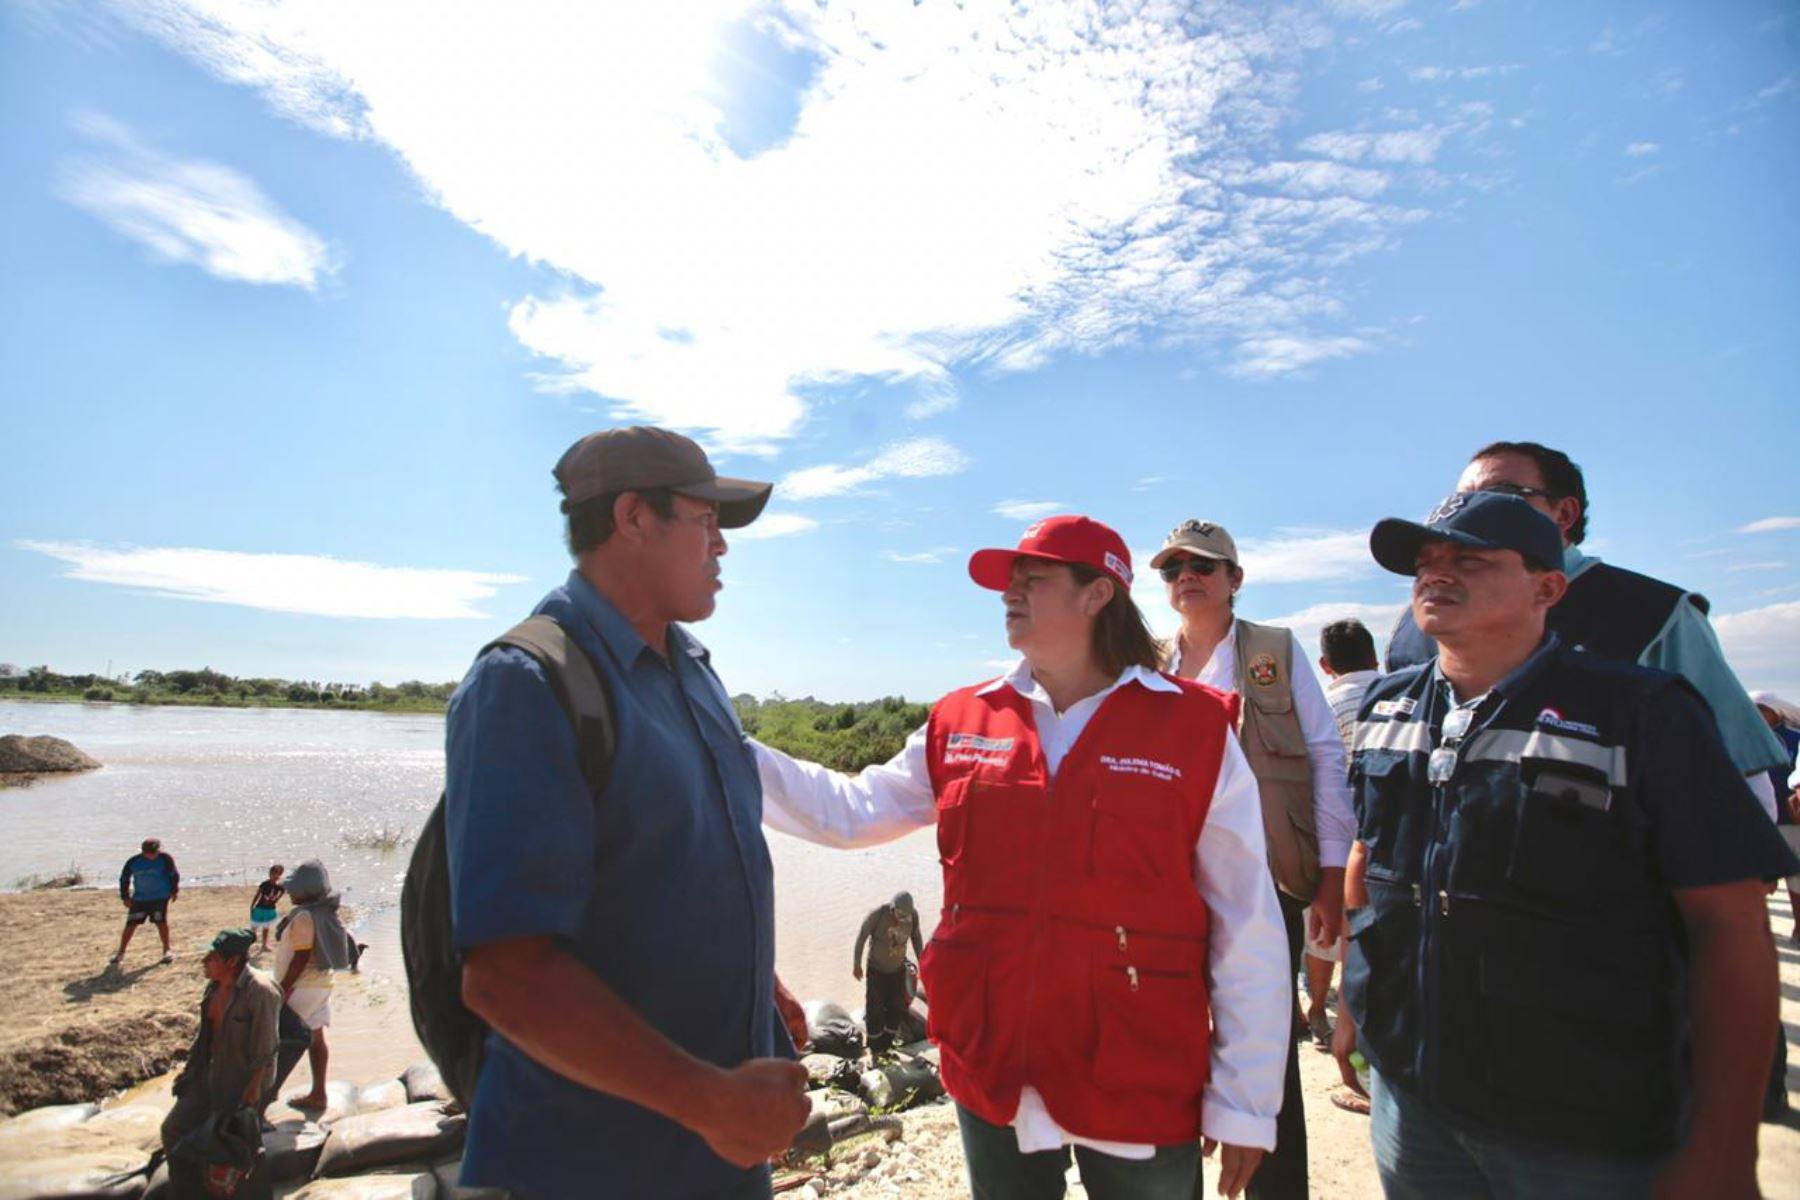 La ministra de Salud, Zulema Tomás, se encuentra en la región Piura para coordinar acciones ante eventuales emergencias por lluvias.